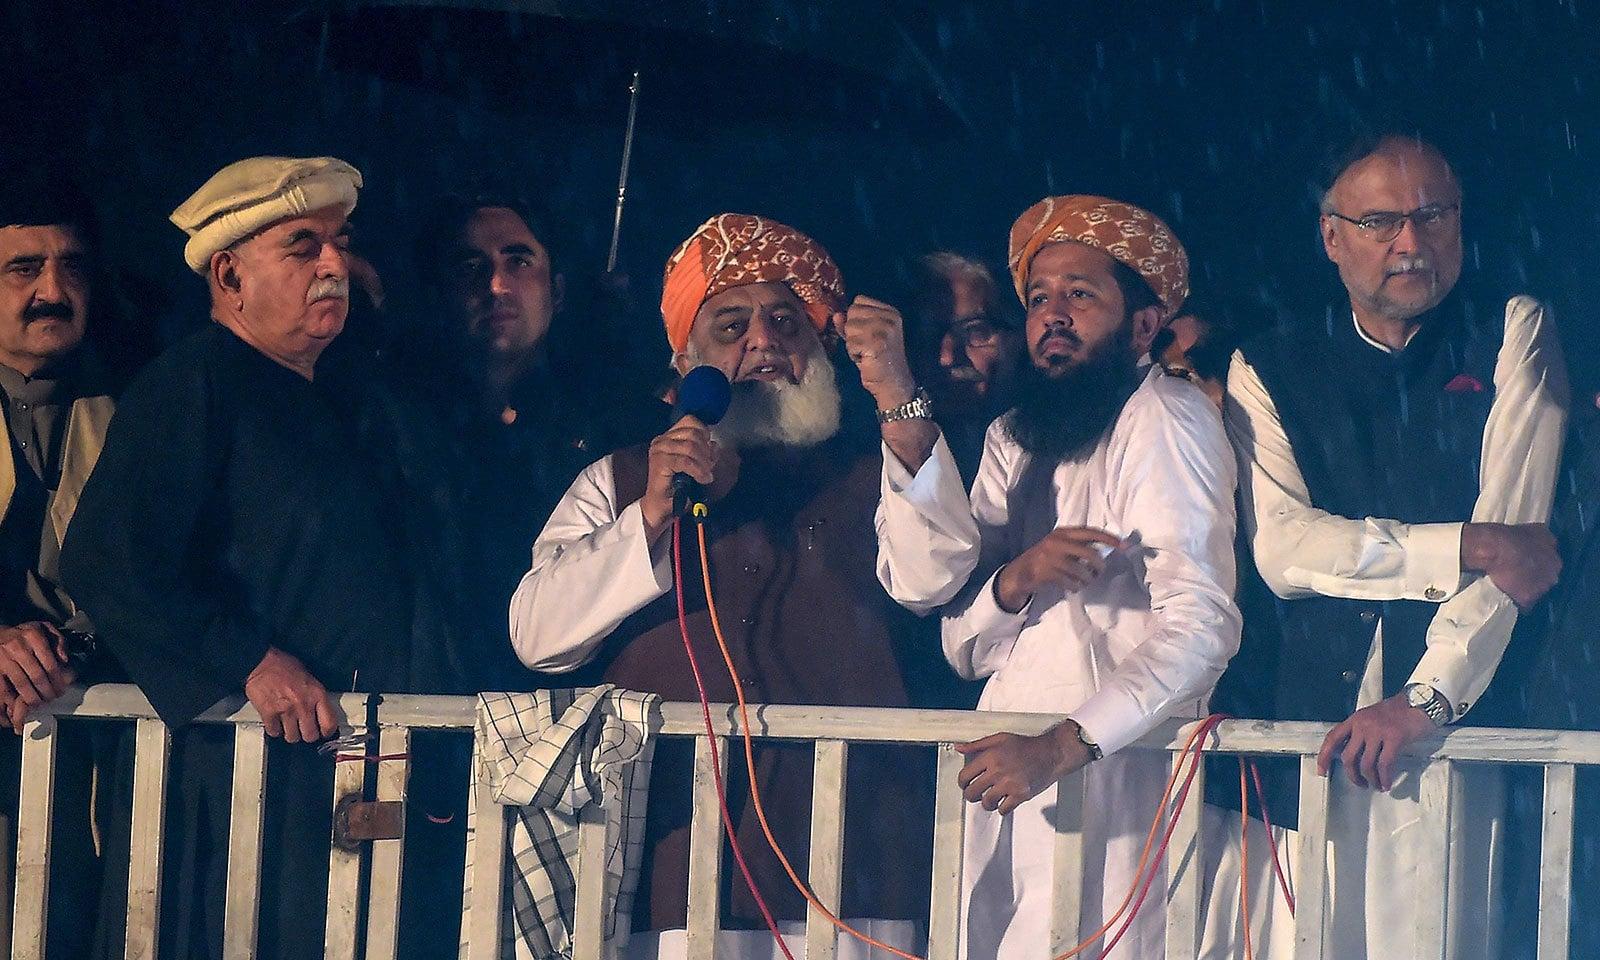 مولانا فضل الرحمٰن نے حکومت کو دو دن کی مہلت دی—فوٹو:اے ایف پی